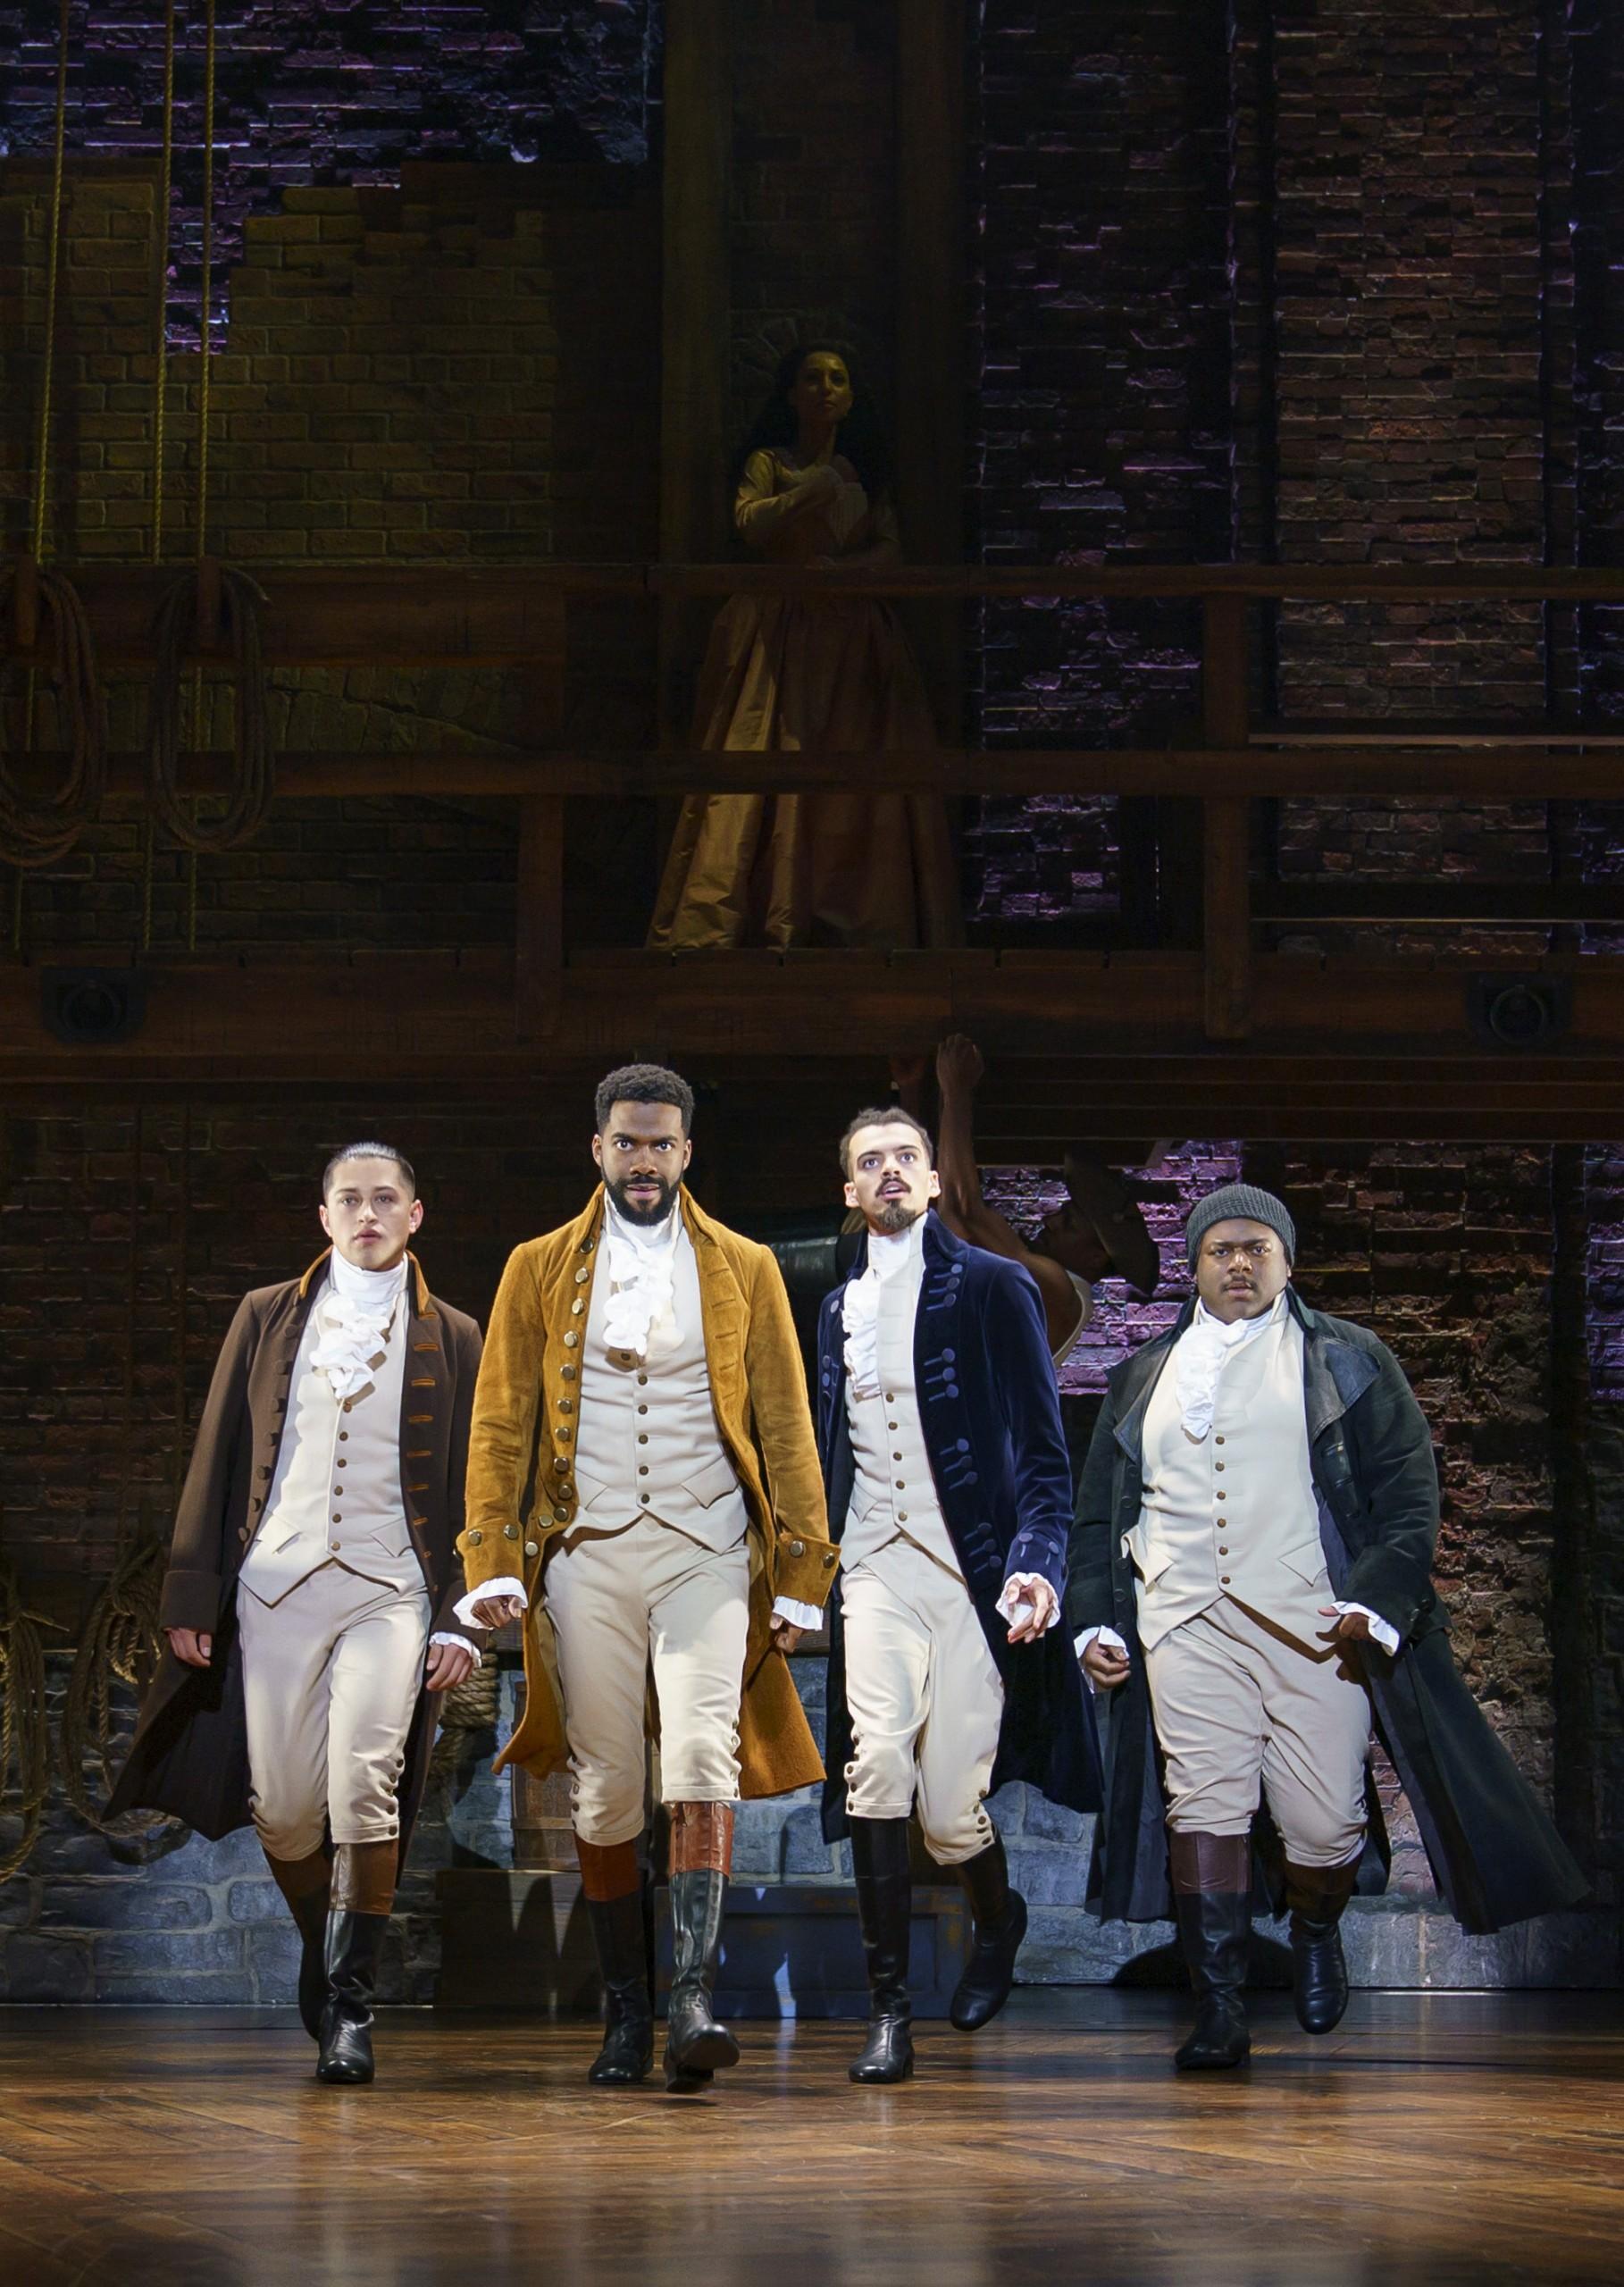 Four Hamilton actors in costume